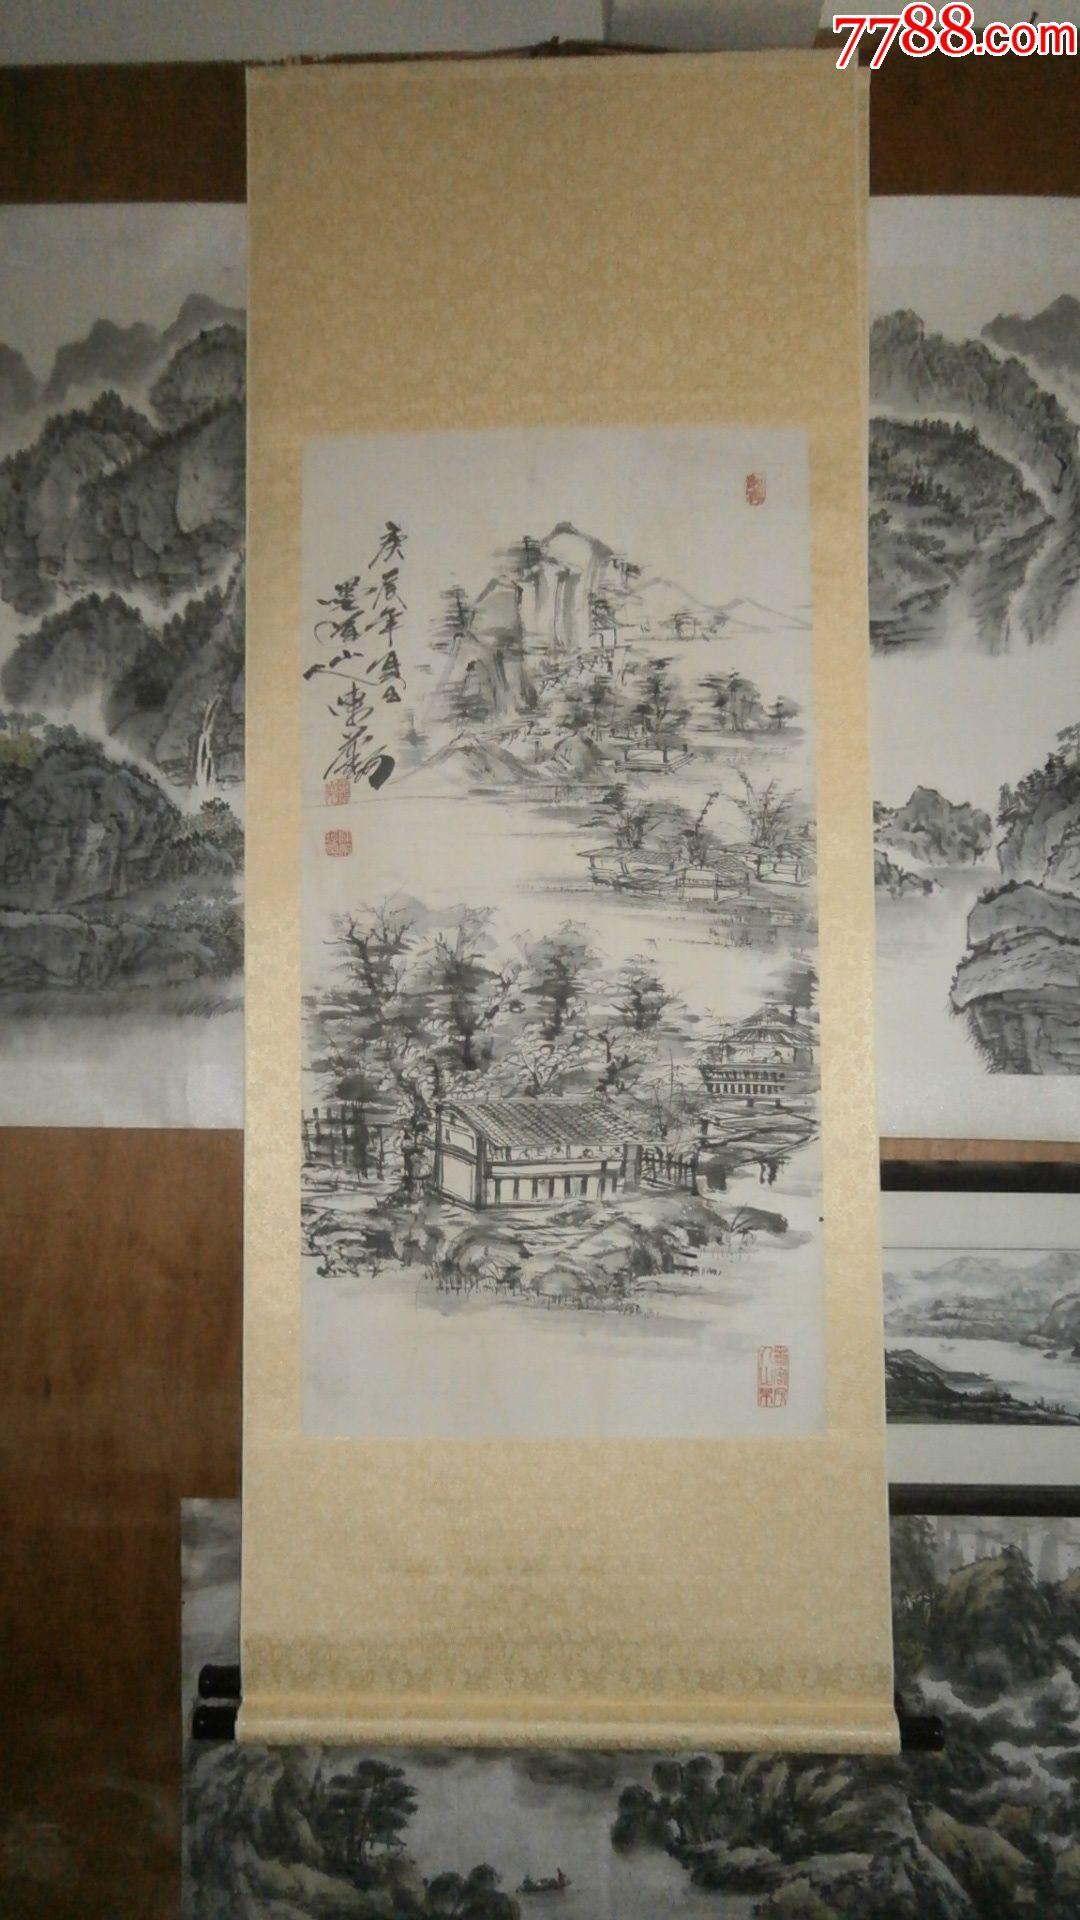 写意画水墨画山水画国画,卷轴装裱好的挂轴字画,墨道山人画的